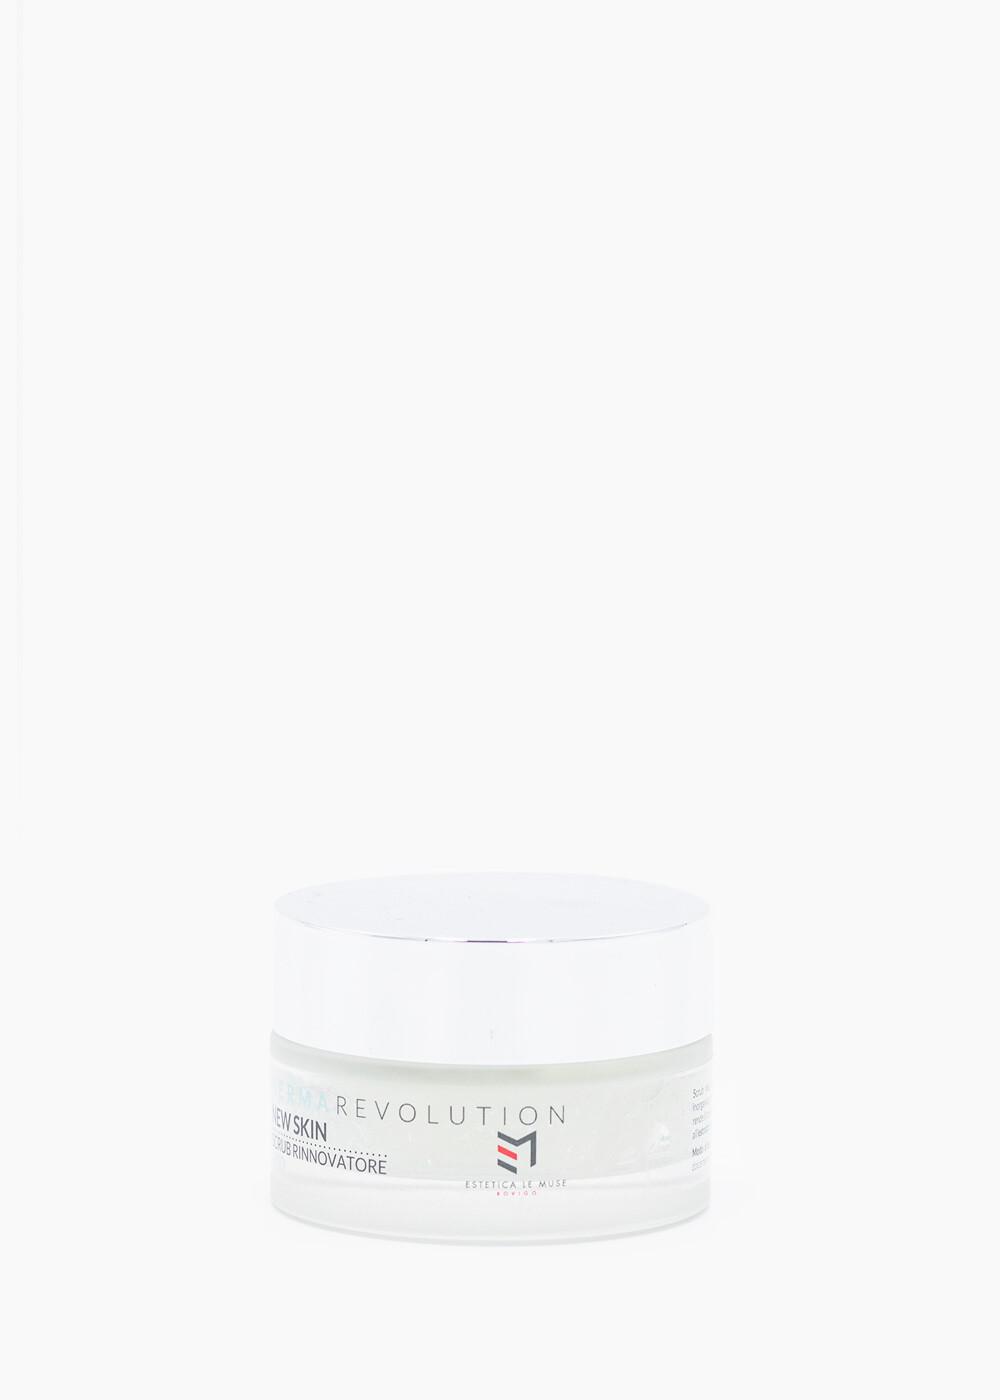 gel-scrub-per-esfoliare-e-ammorbidire-la-pelle-estetica-le-muse-YFET2747F7-laterale-b